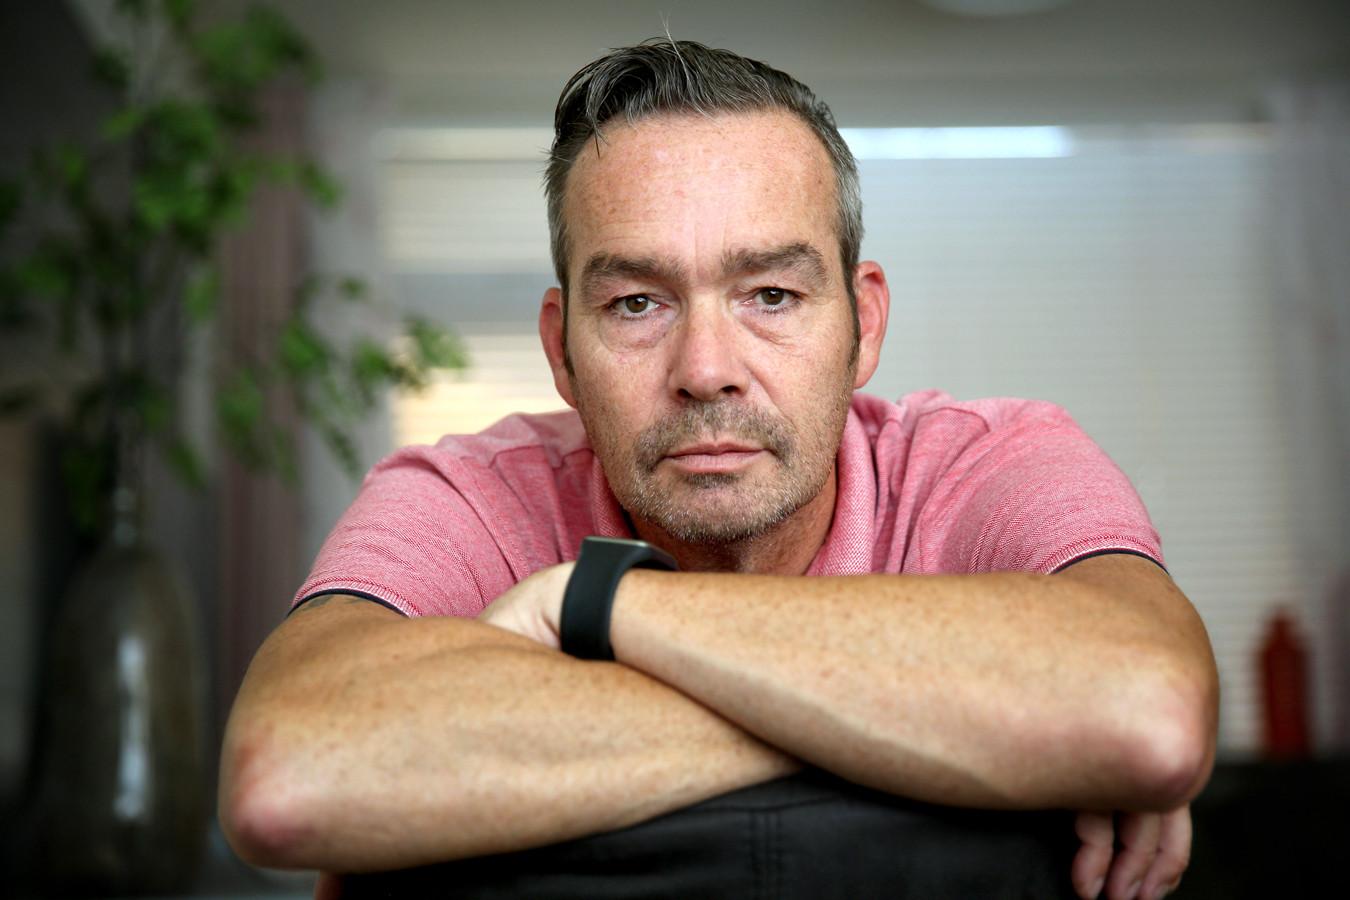 Jacco Bezuijen blijft strijdbaar om zijn gelijk te krijgen. ,,Ik blijf knokken, desnoods tot aan de rechter.''